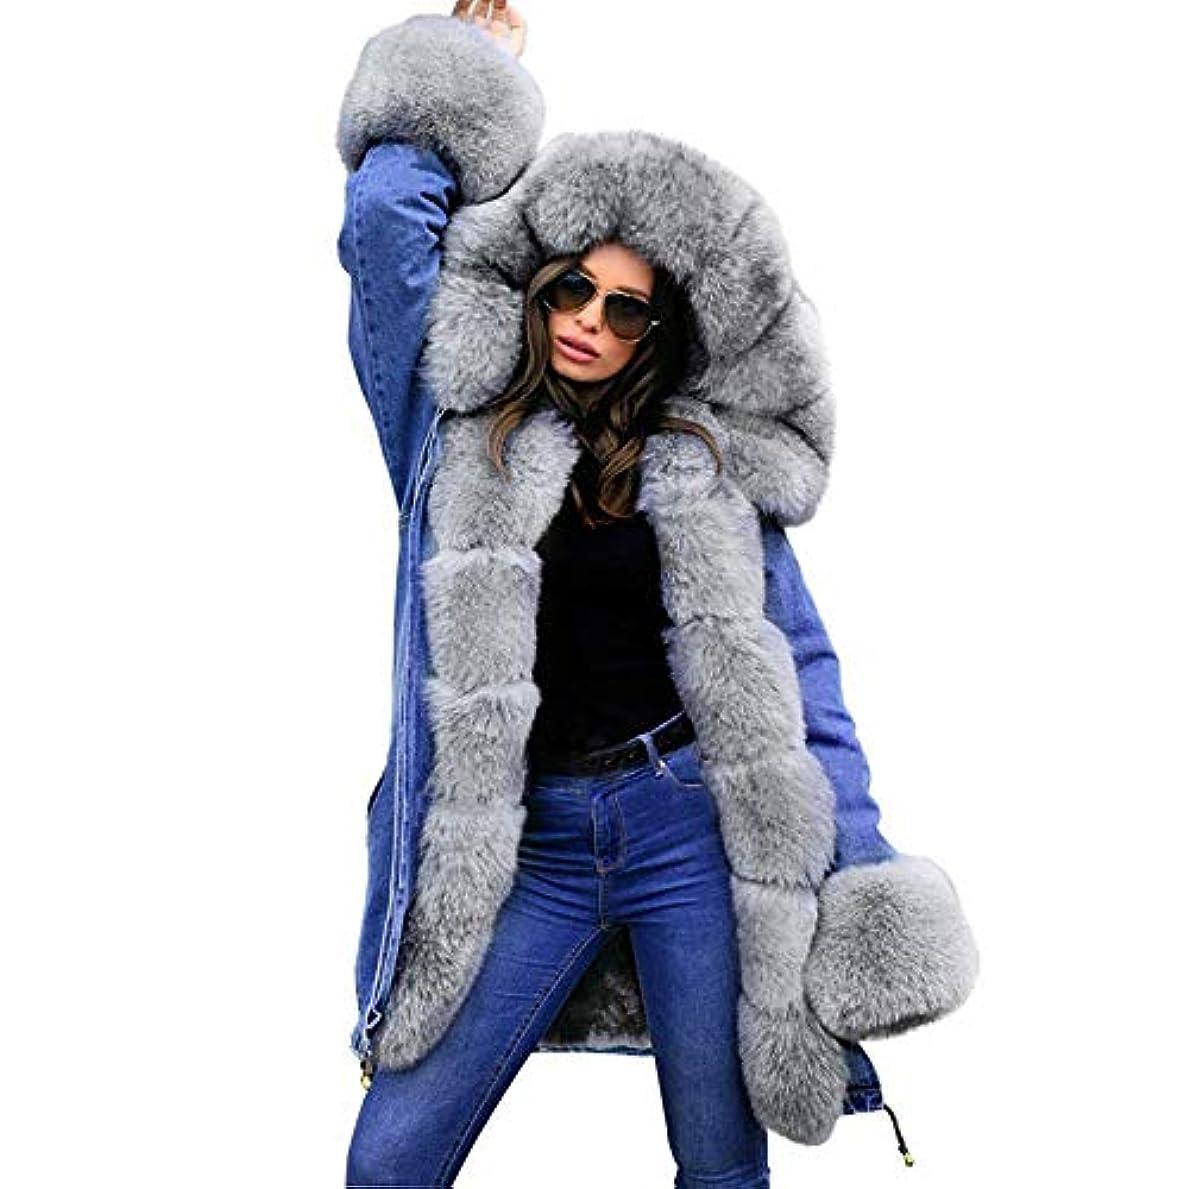 スティック田舎トラフ冬の女性のフード付きコートの毛皮の襟暖かいロングコートの女性の冬のジャケット女性のアウター,XL